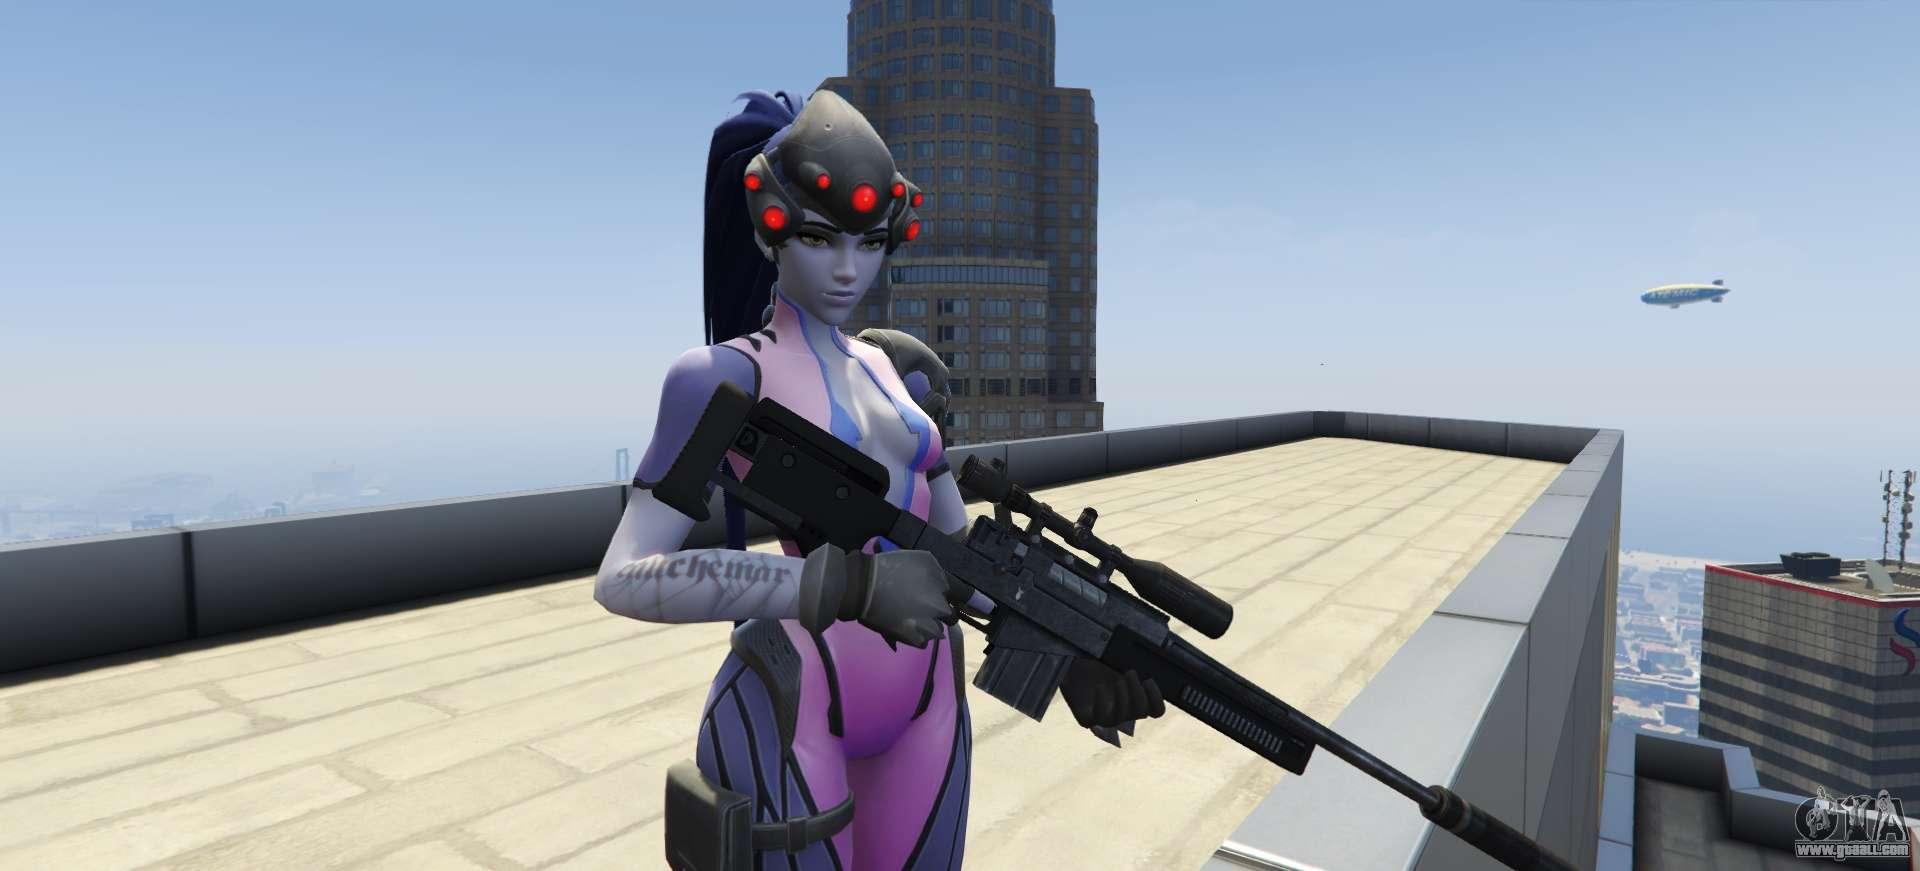 Widowmaker Overwatch for GTA 5